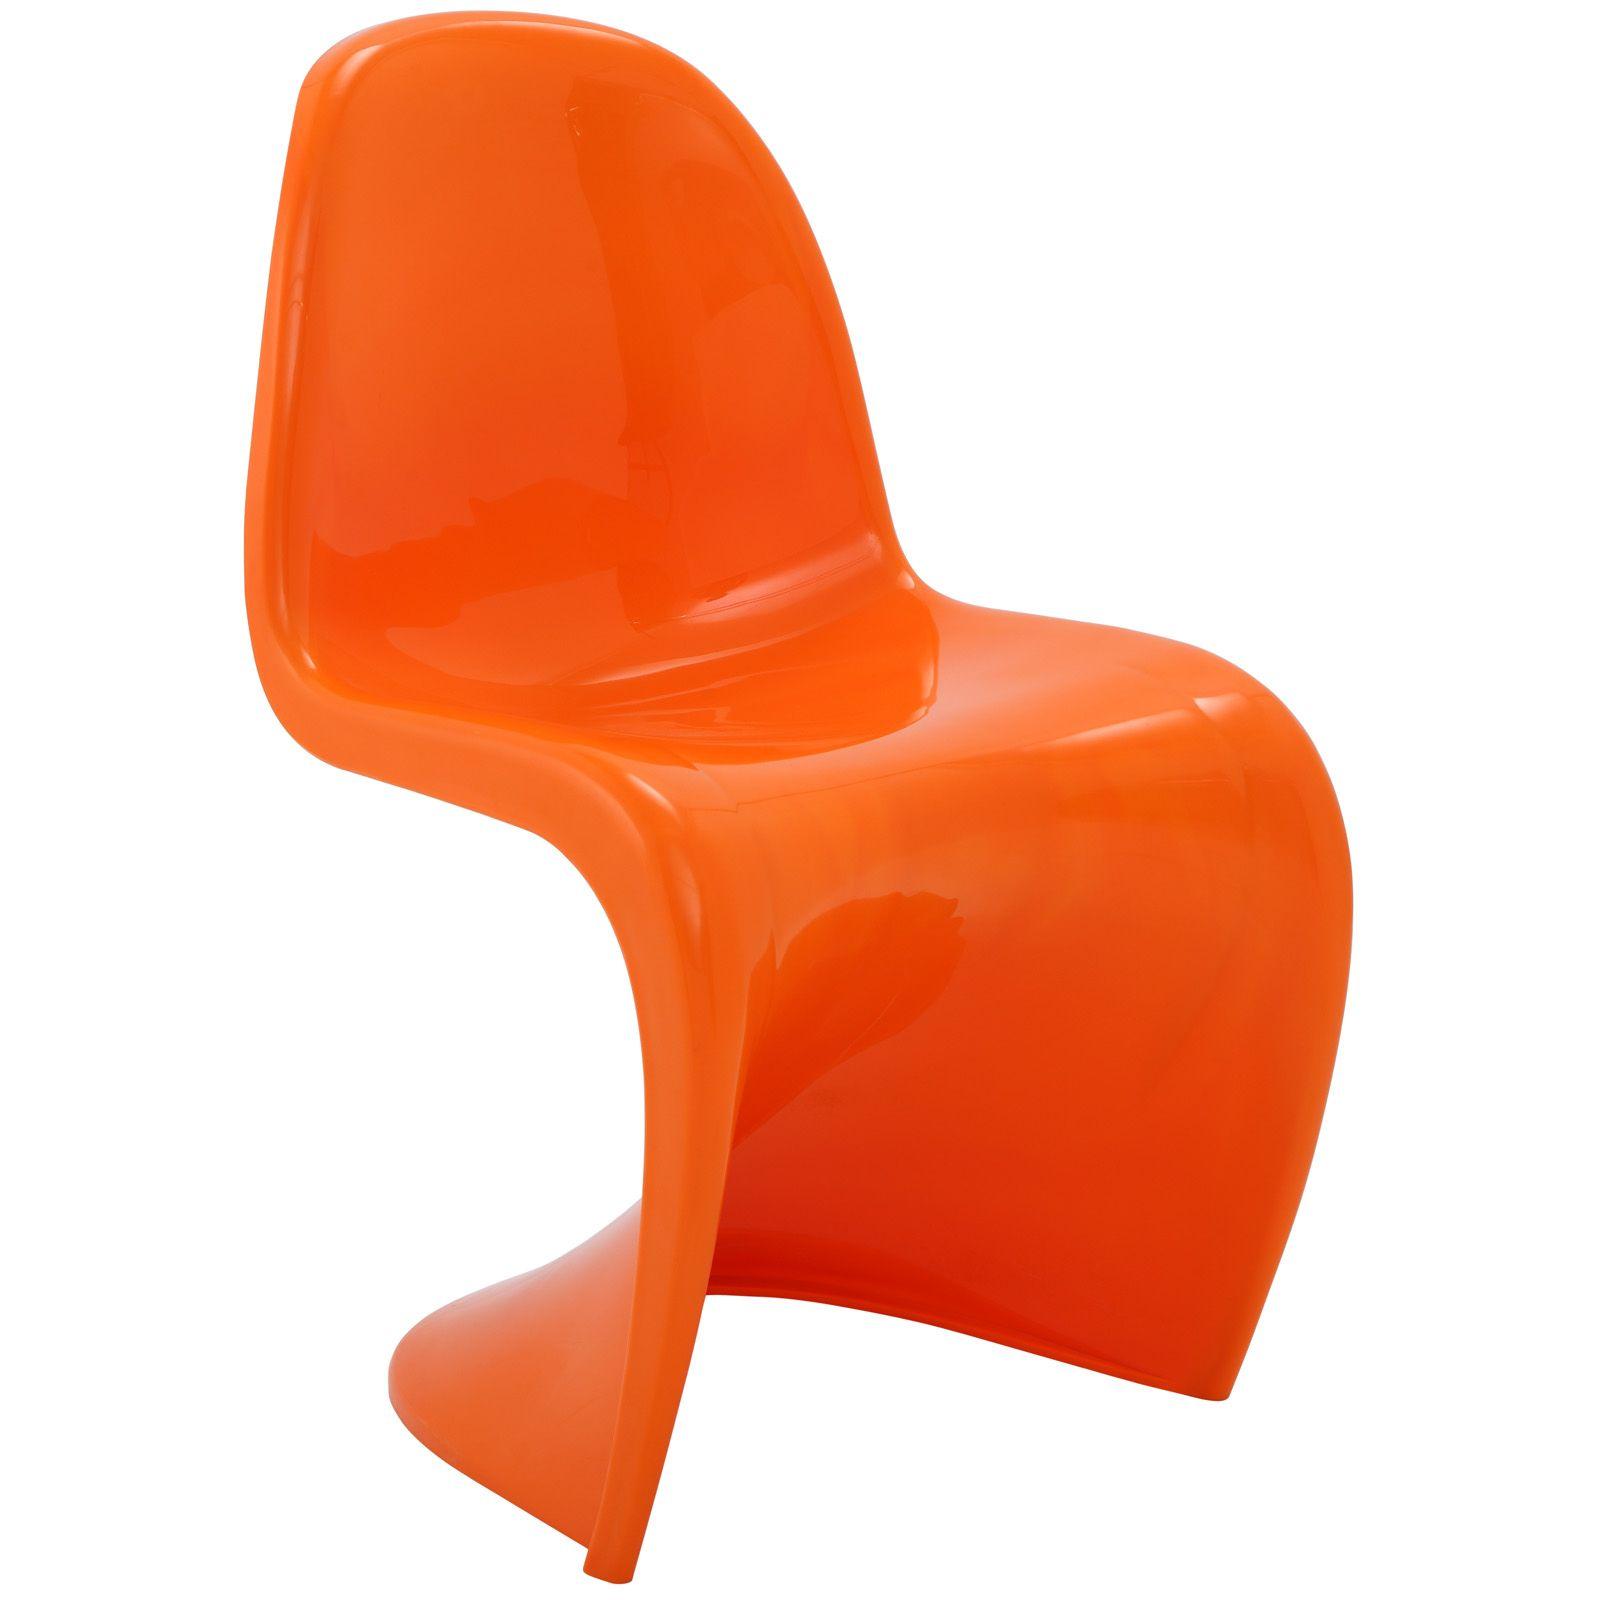 Merveilleux Verner Panton Style Chair In Orange